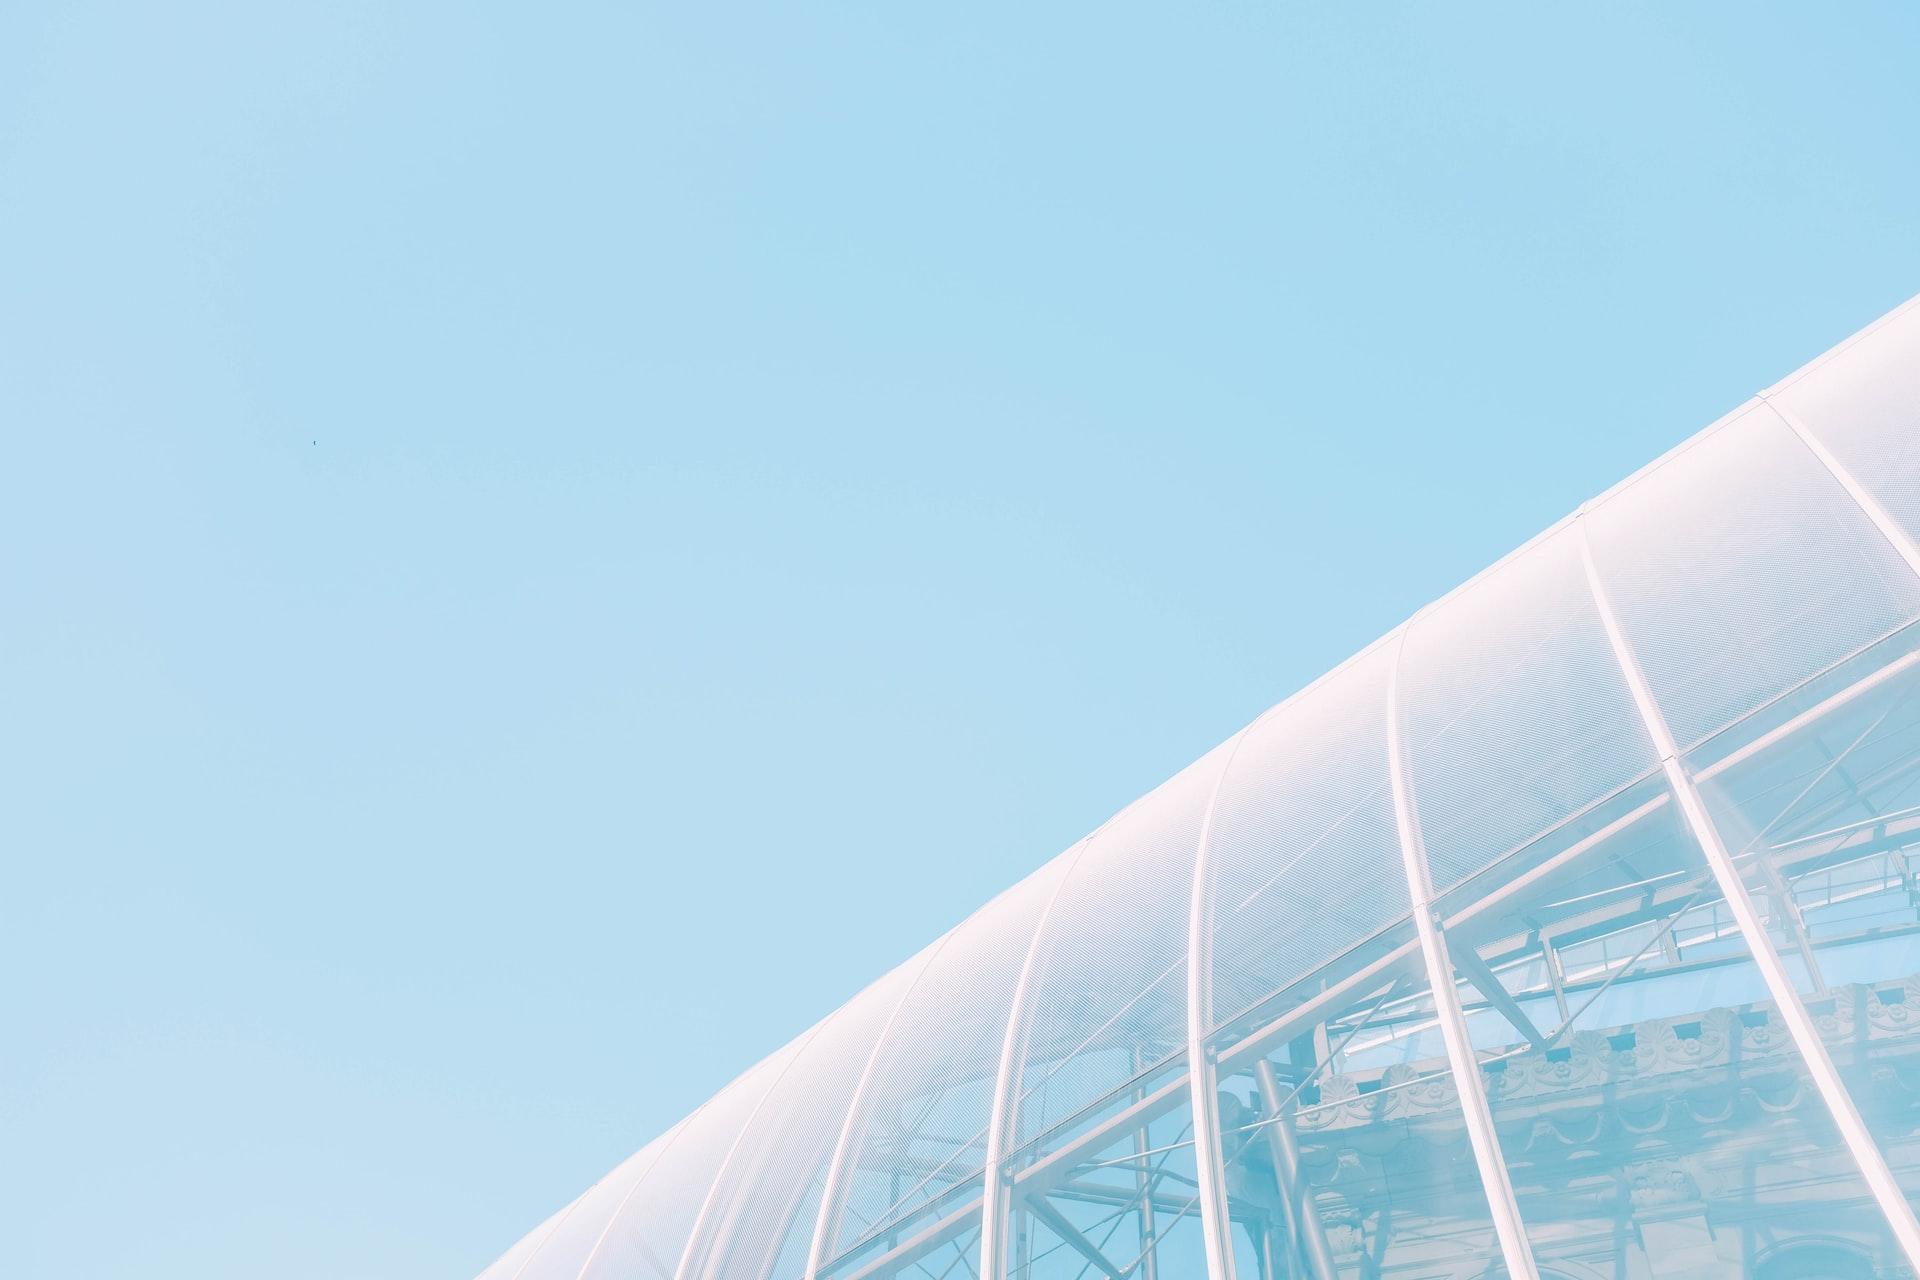 visualisation de la courbe géométrique d'un bâtiment